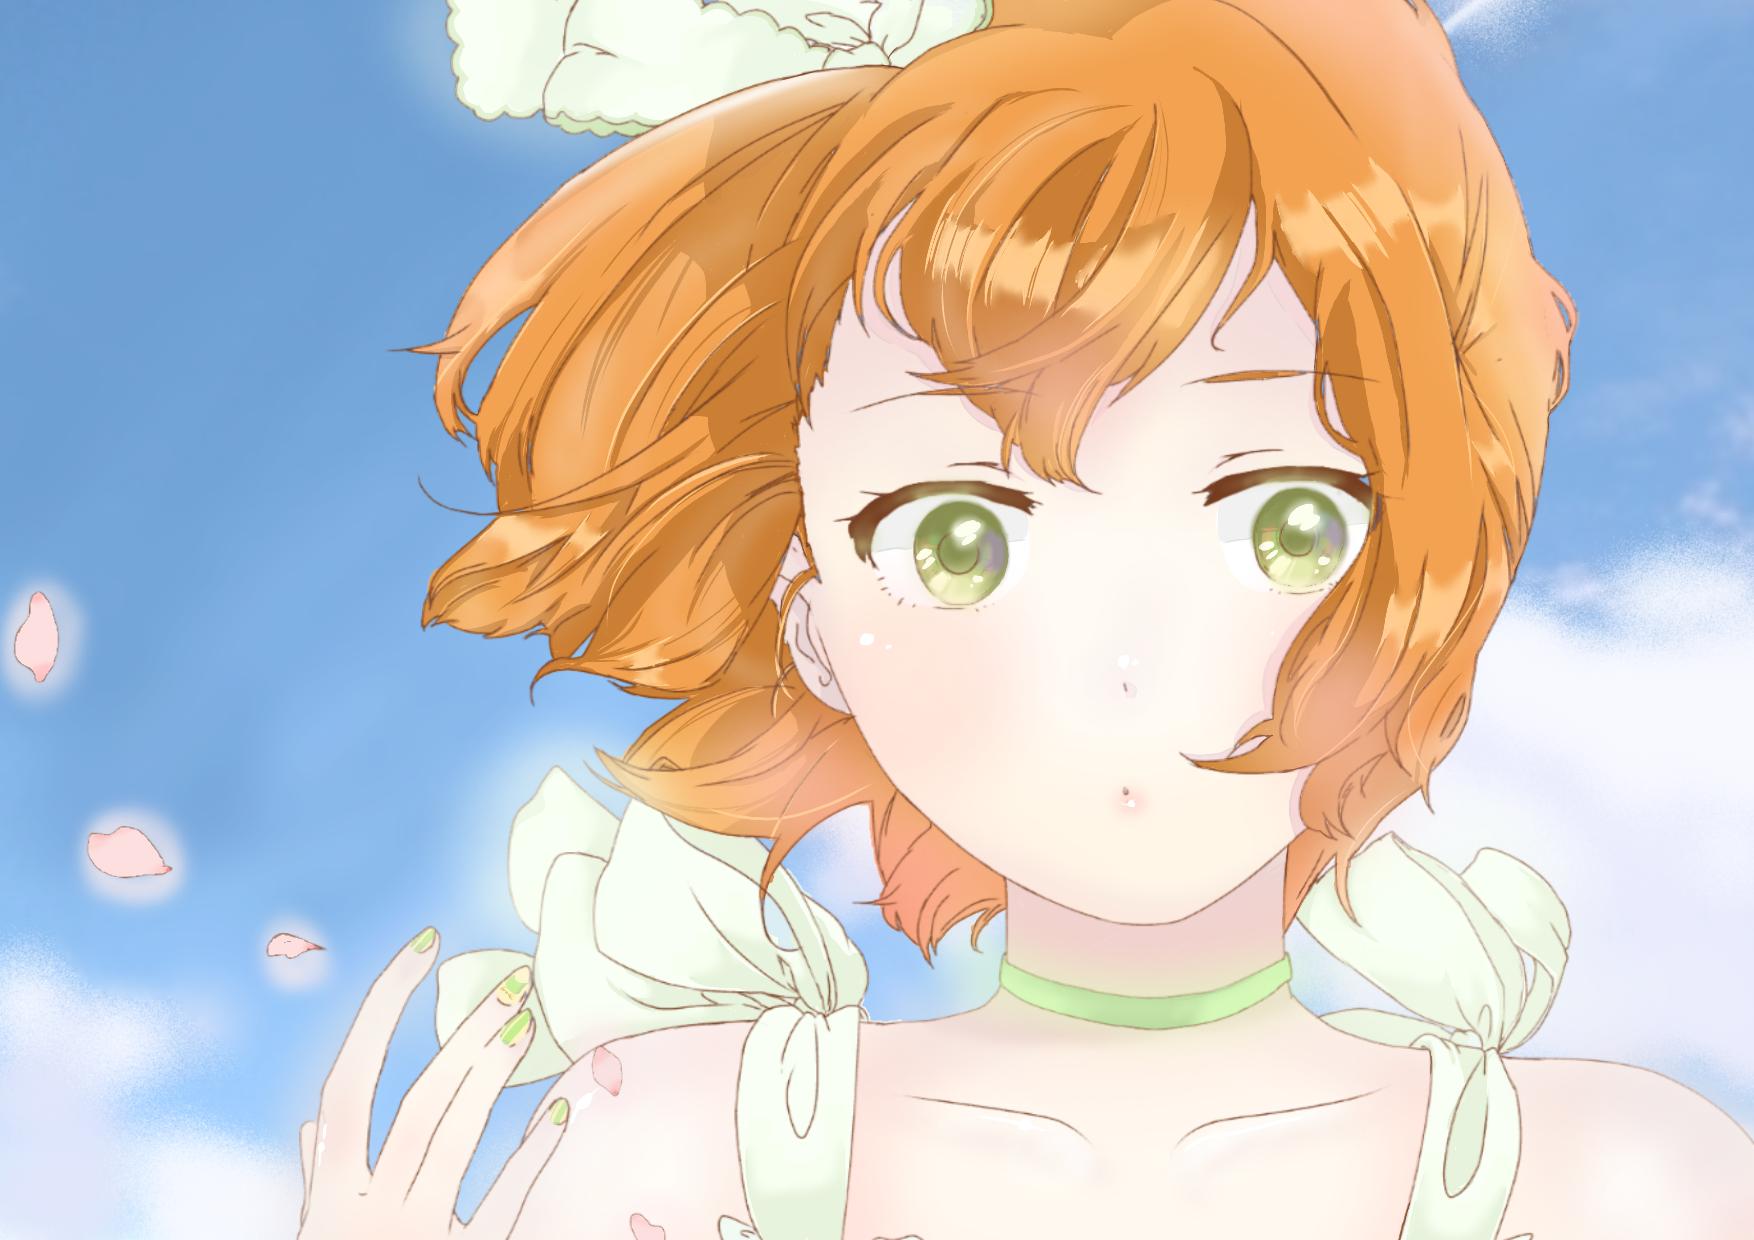 春情ロマンティック - ibisPaint